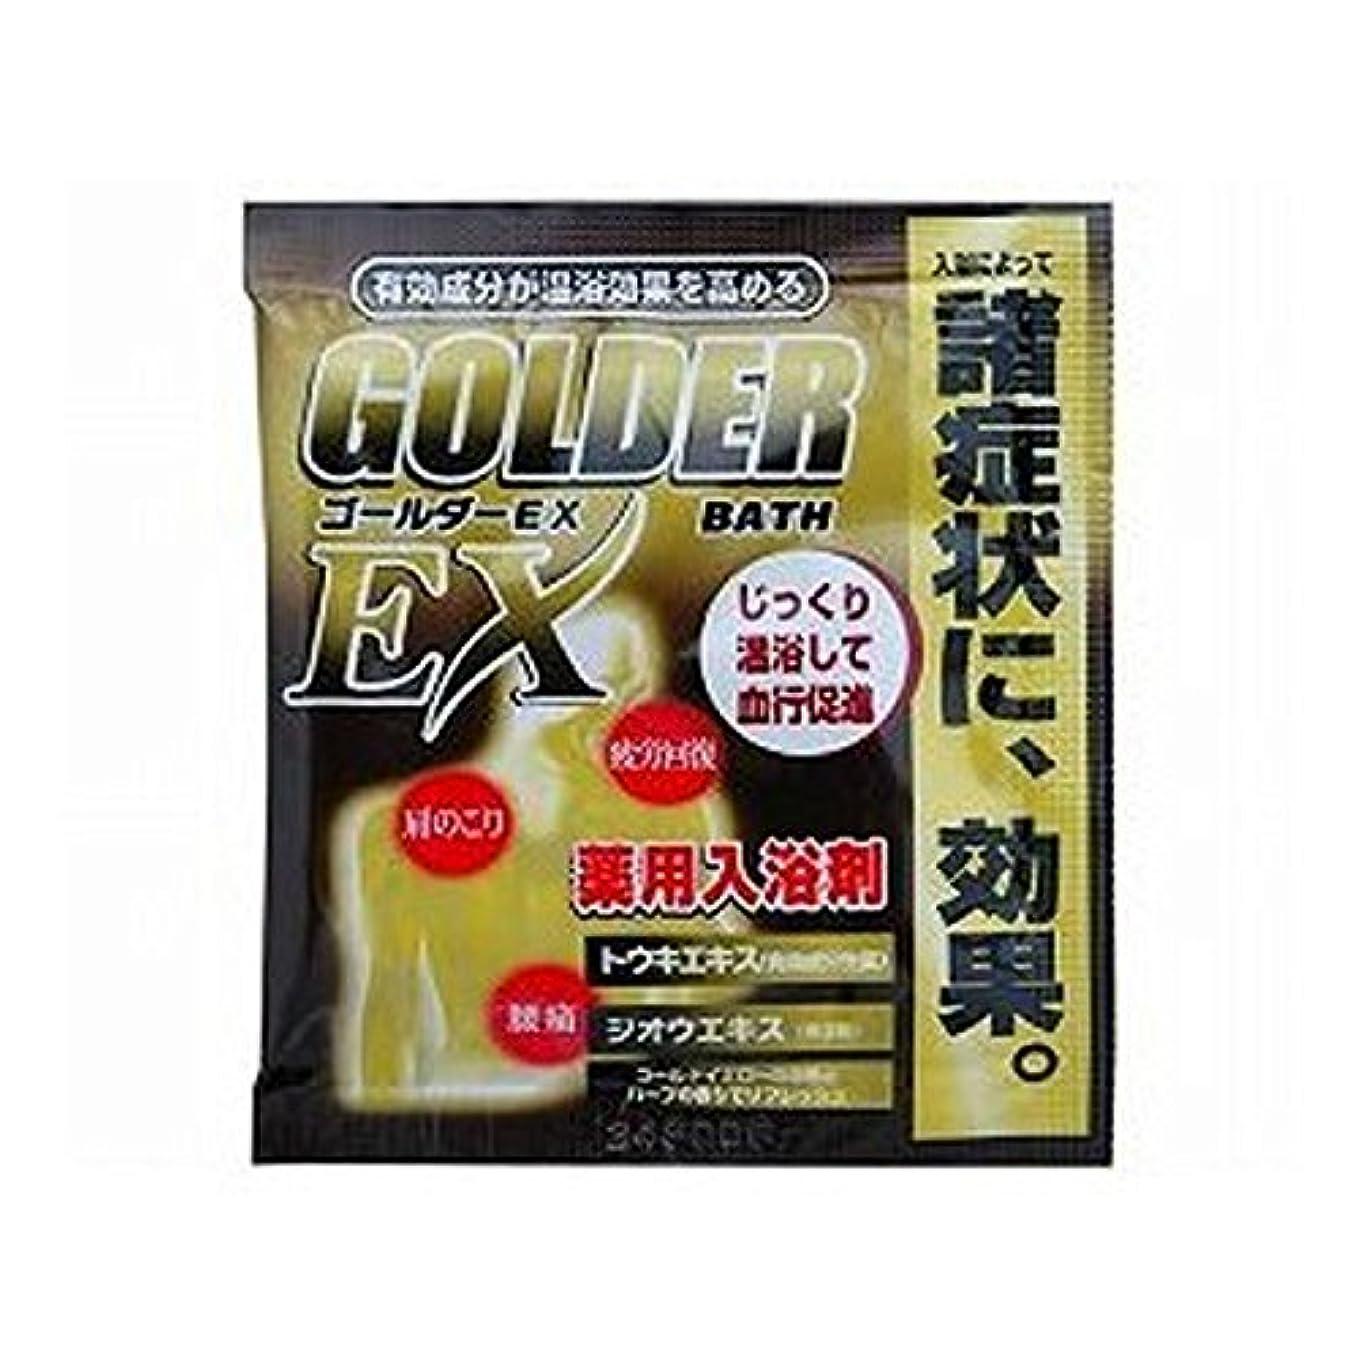 プライバシー経度狭いゴールダーEX 25g(入浴剤)